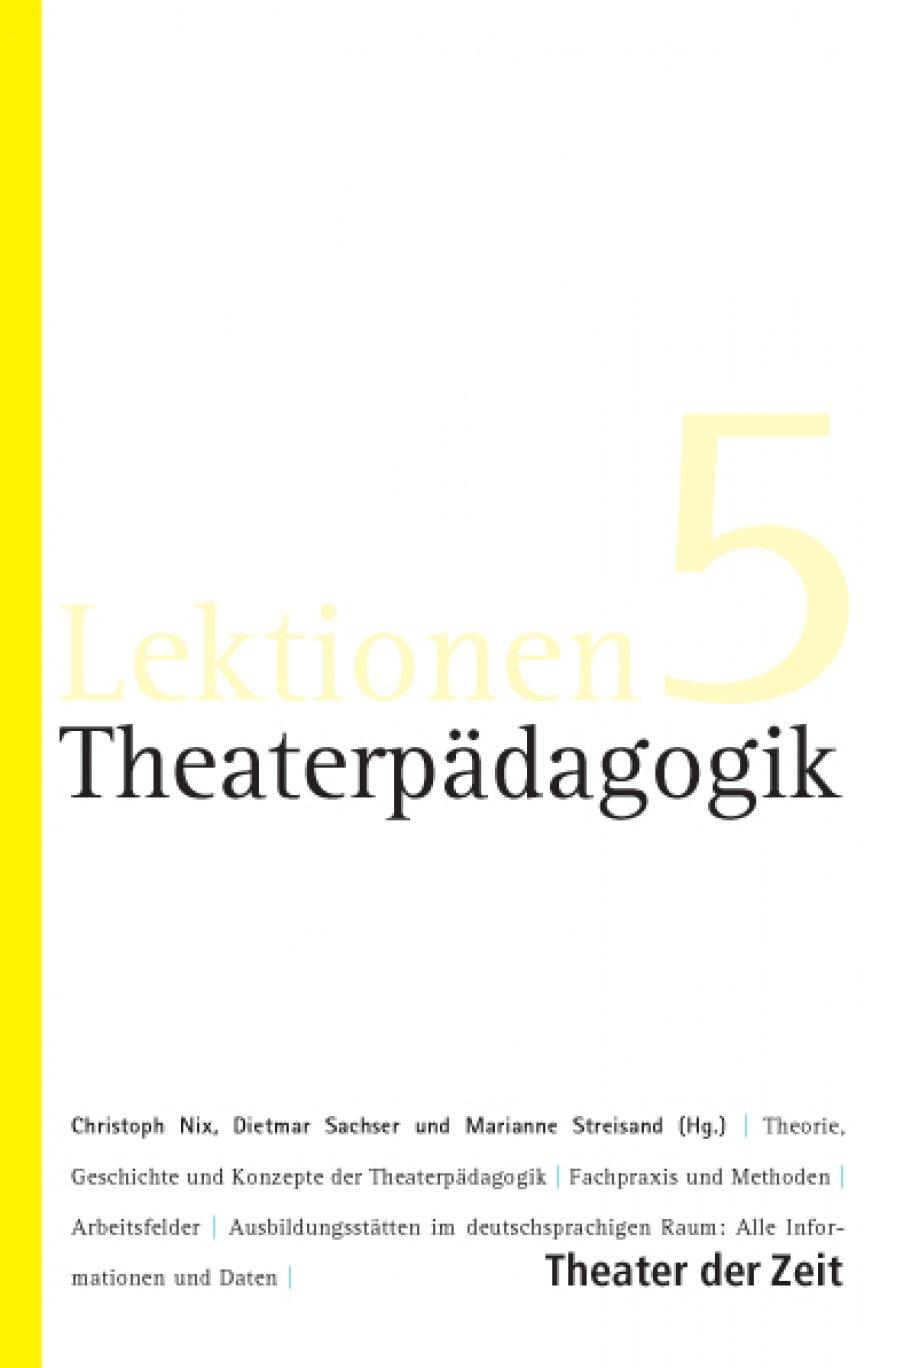 Theaterpädagogik